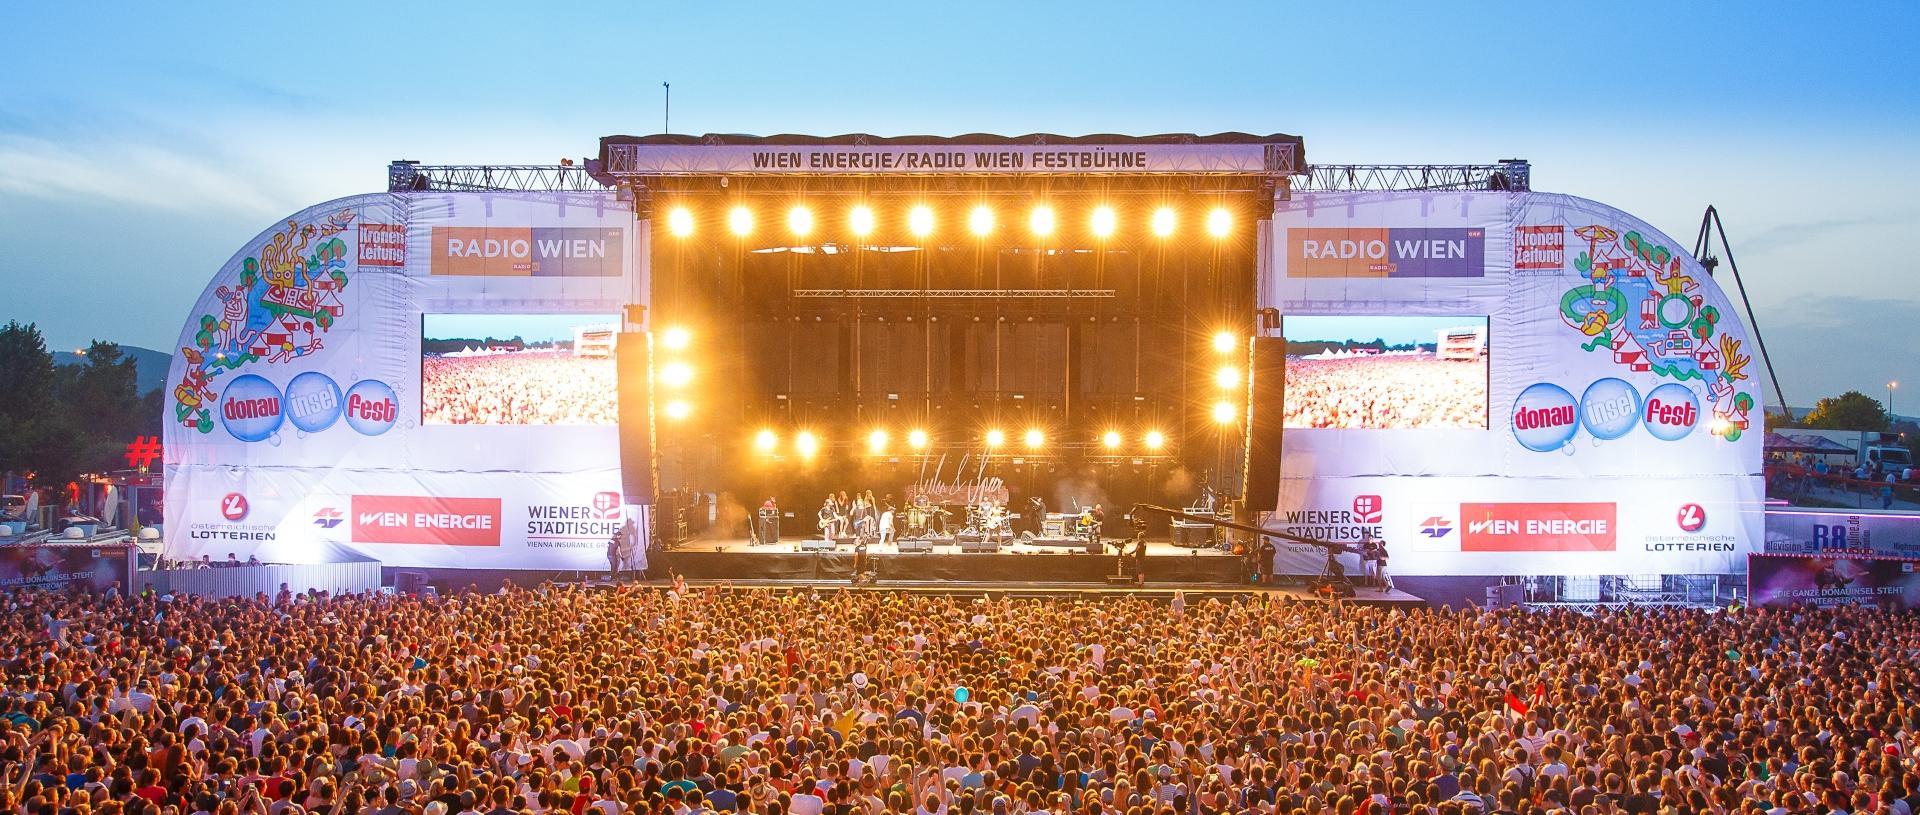 Poznati Donauinselfest se održava od 23. do 25. lipnja